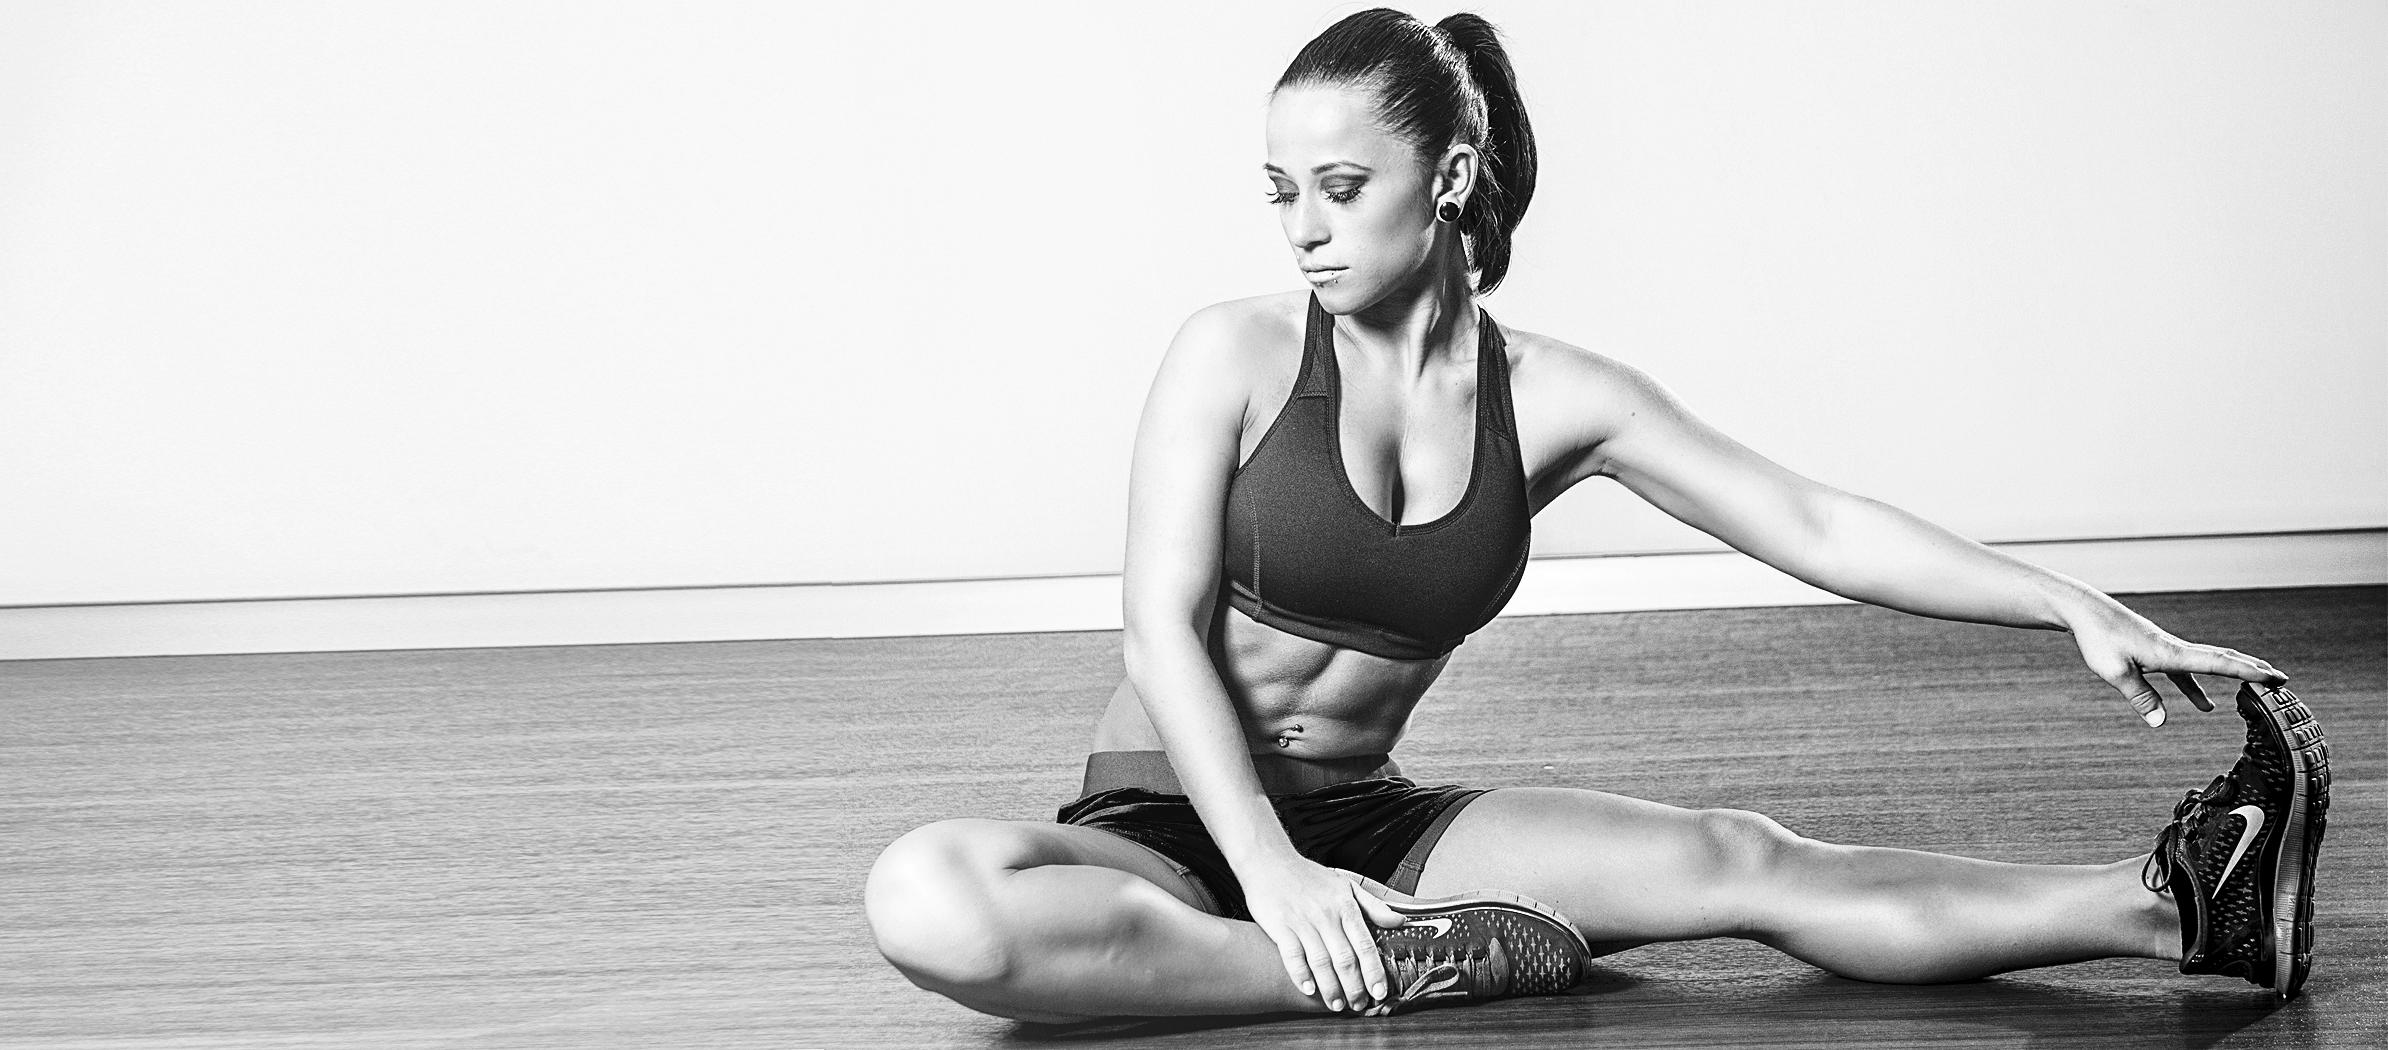 Johanna-Fischer-Fitness-Model-51.jpg